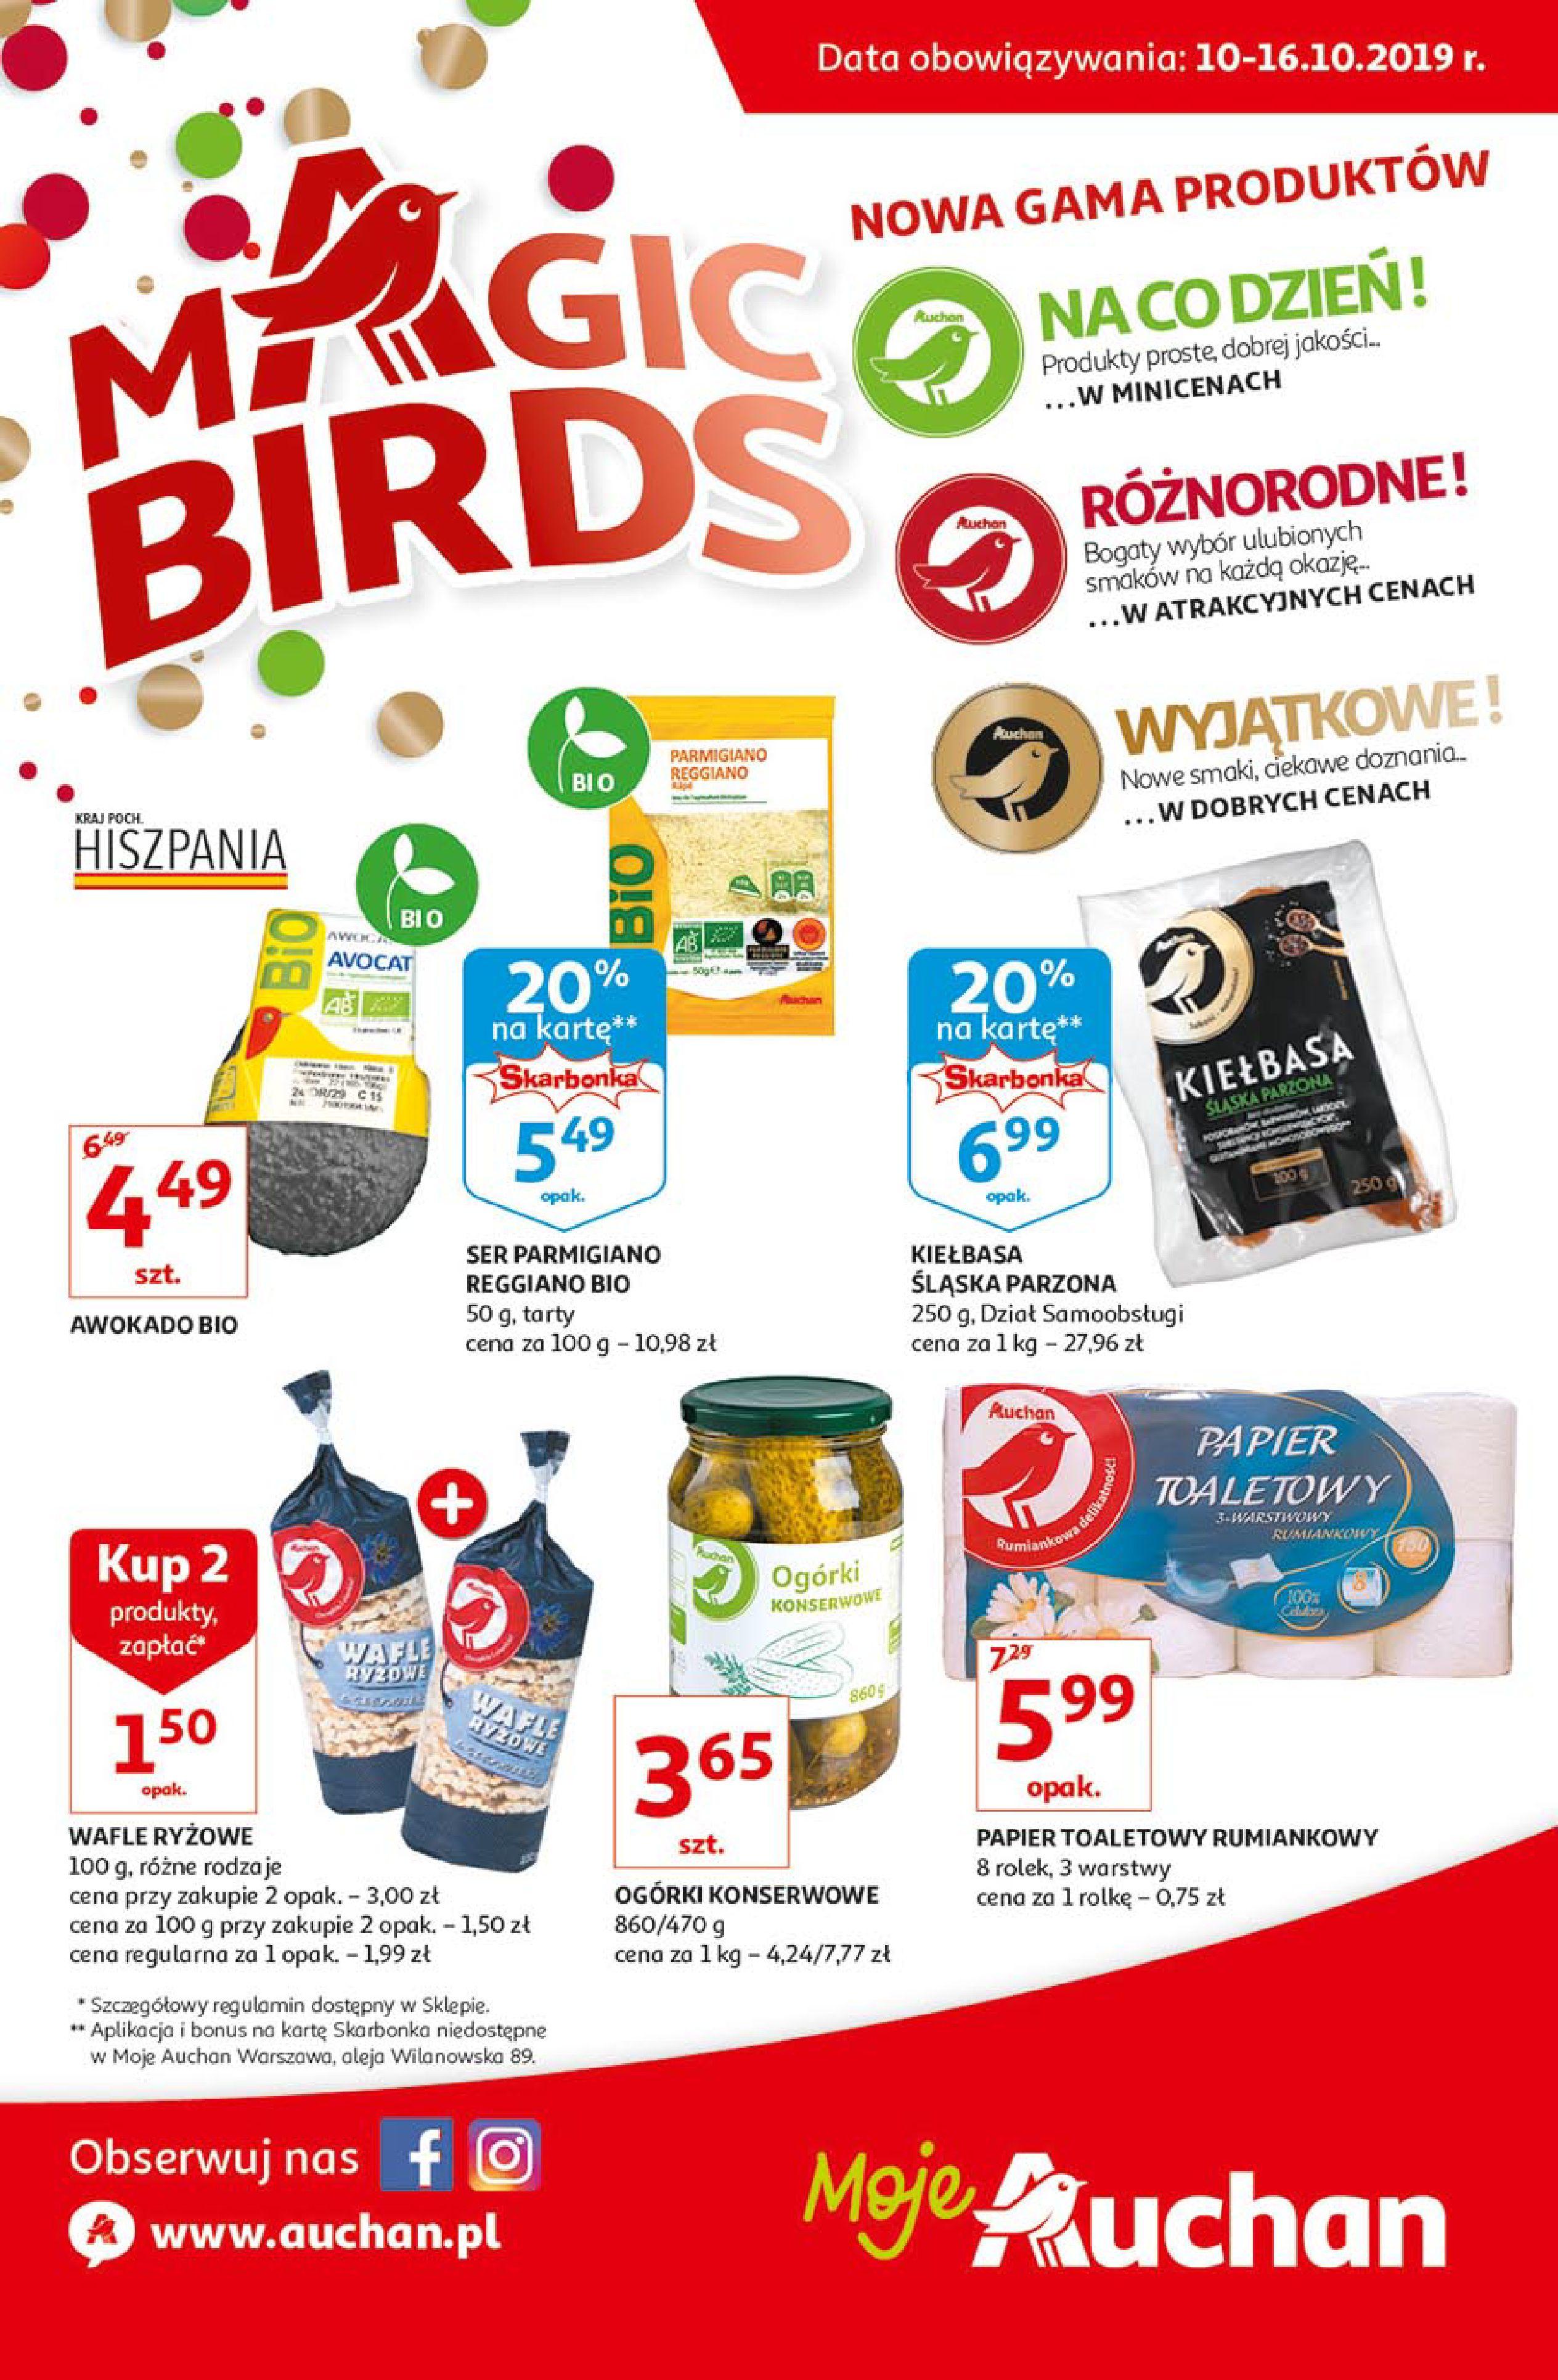 Gazetka Auchan - Magic birds Moje Auchan-09.10.2019-16.10.2019-page-